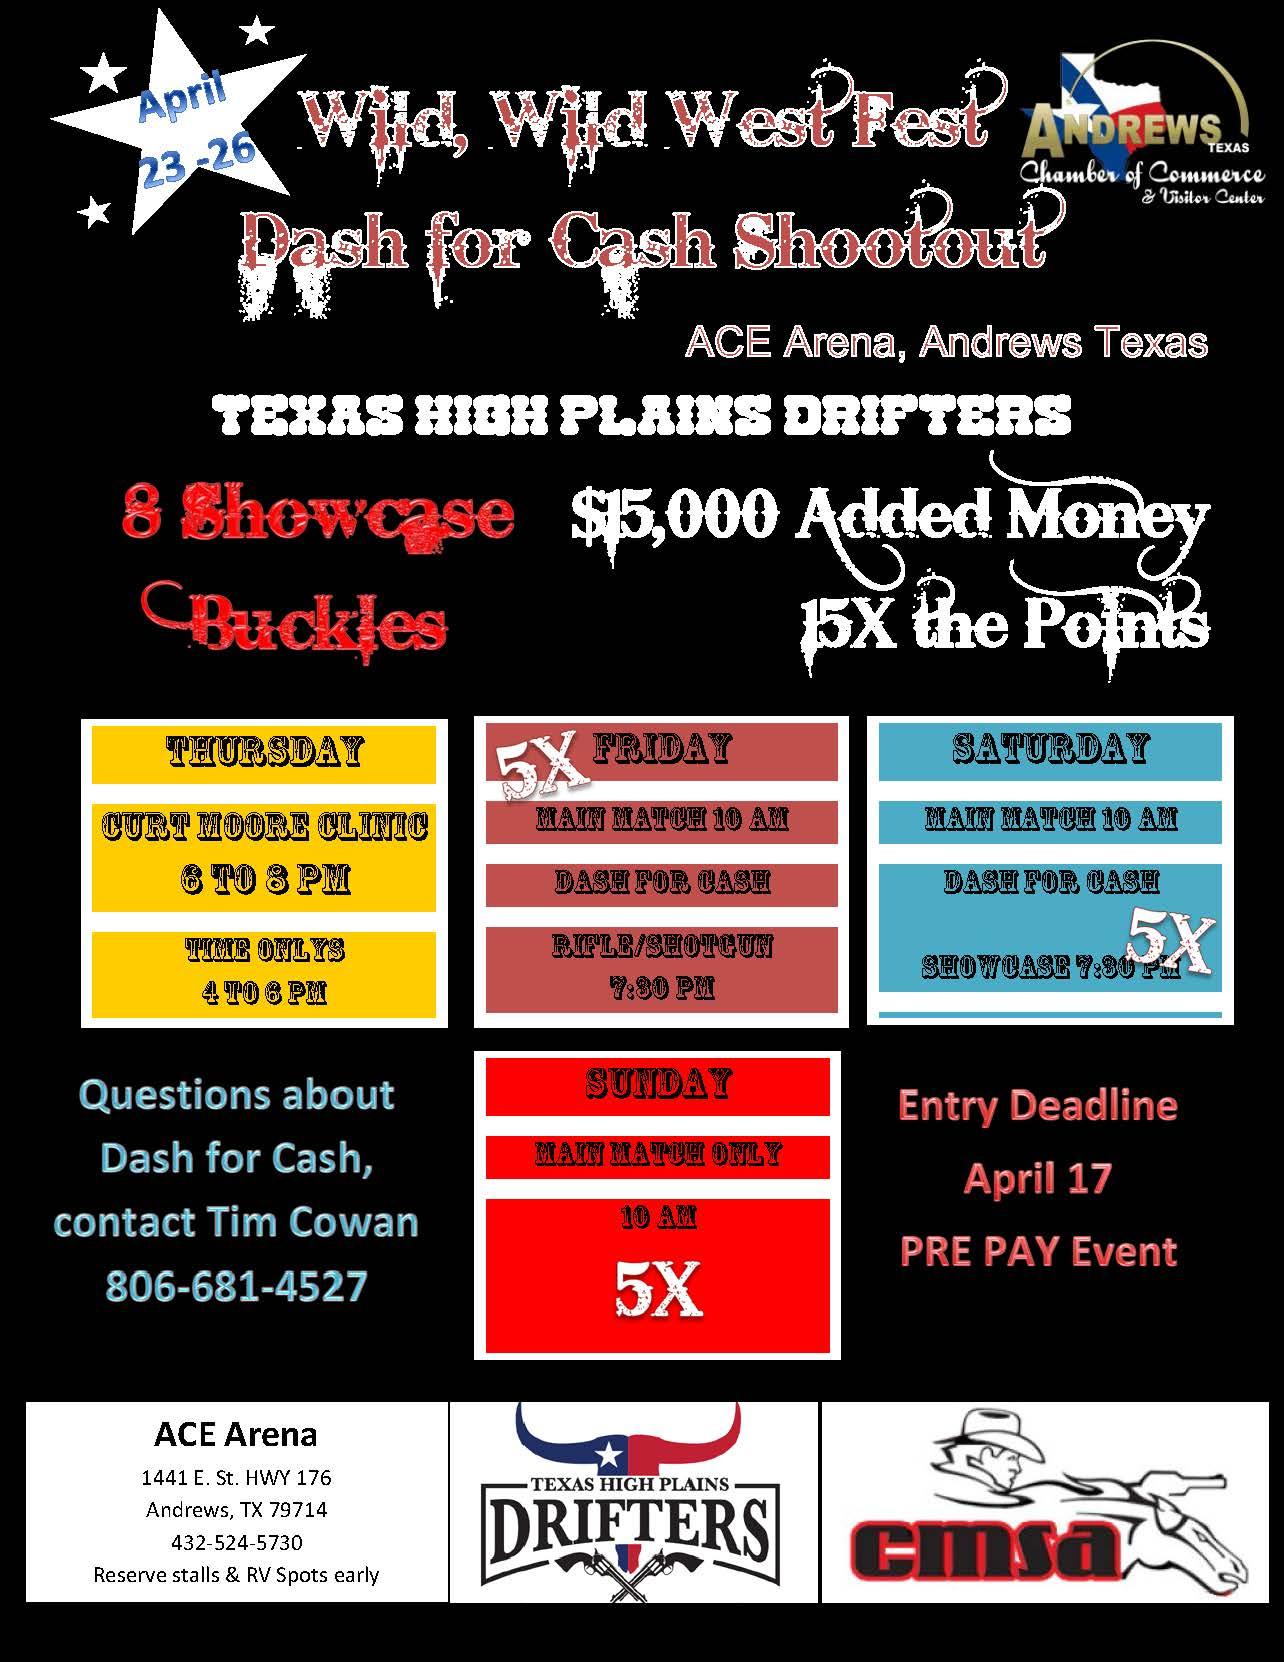 Wild West Fest Dash for Cash Extravaganza Shootout